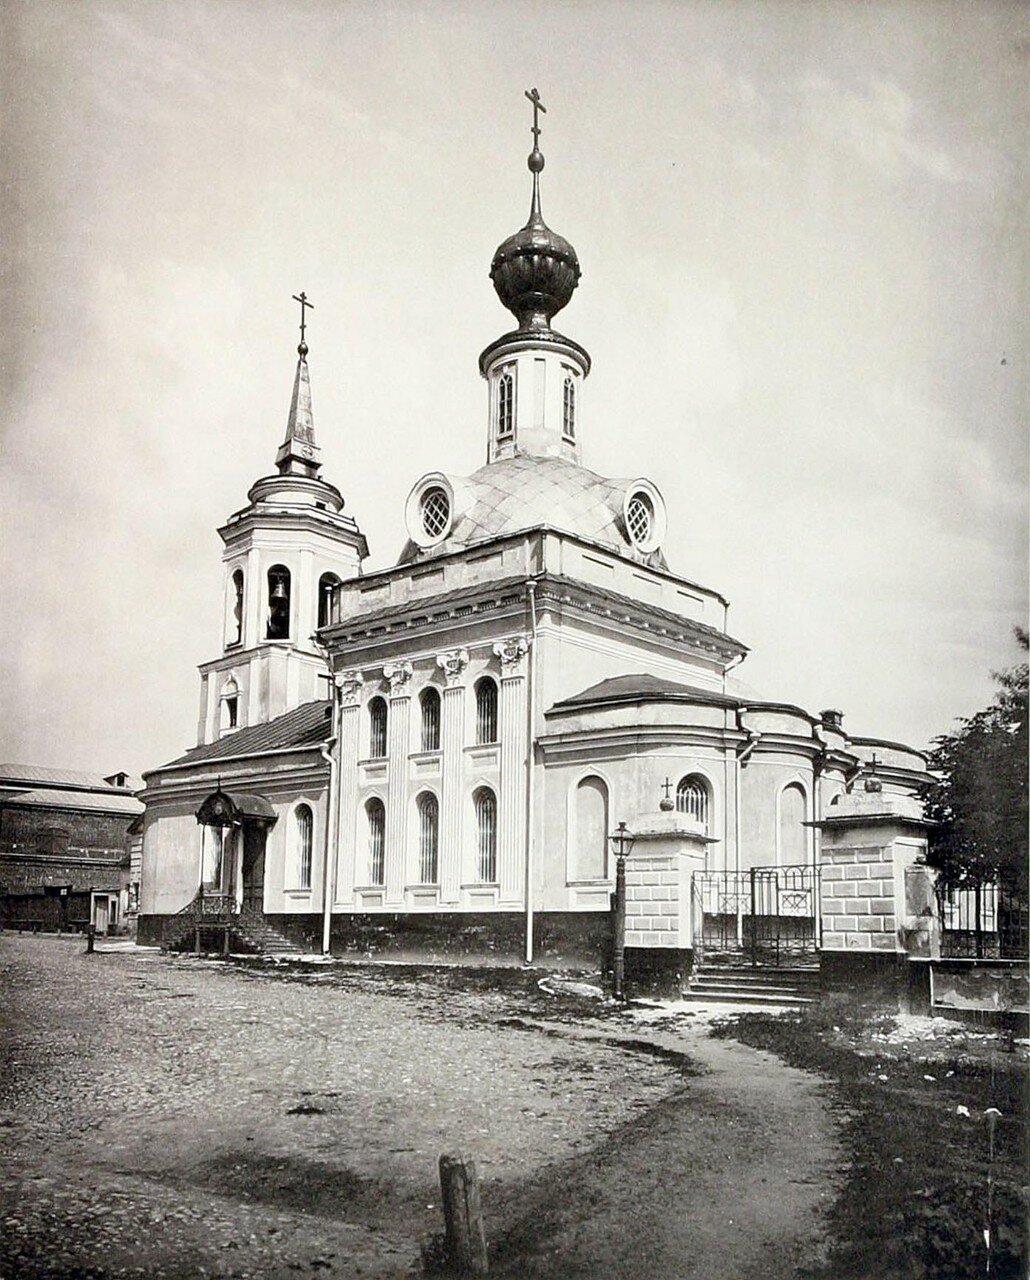 396. Церковь Живоначальной Троицы в Сыромятниках